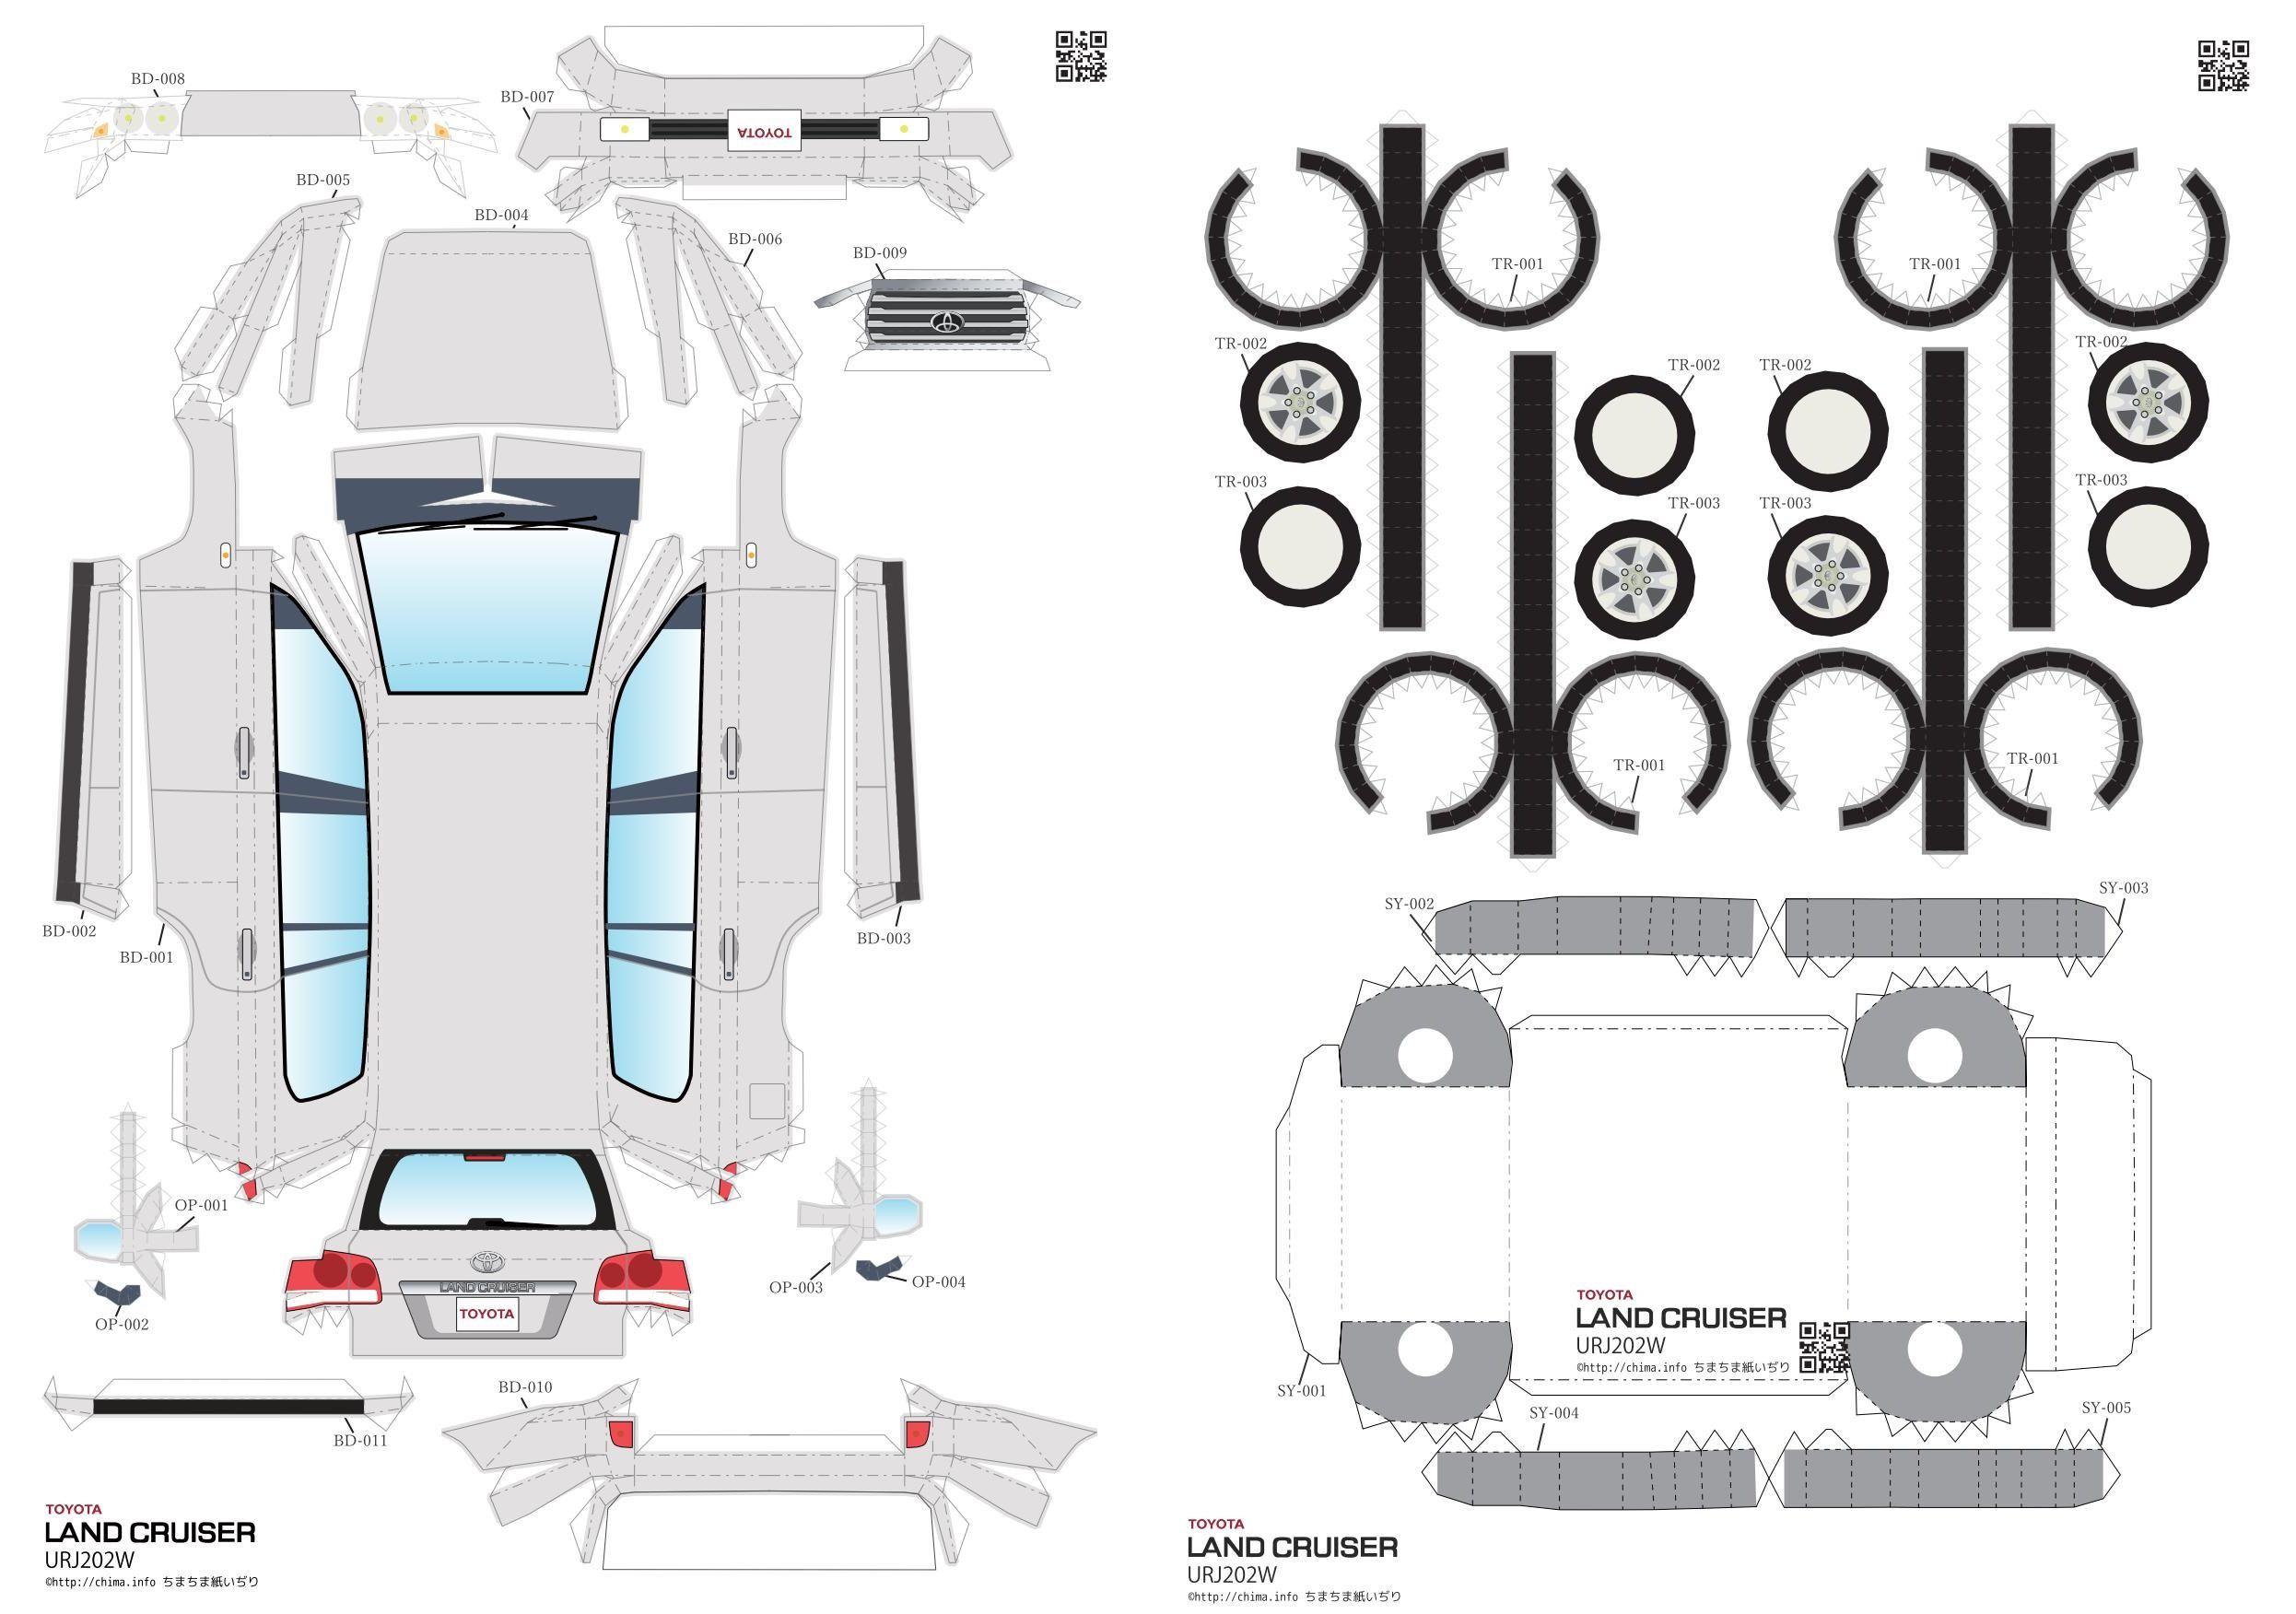 Toyota Land Cruiser 2017 ちまちま紙いぢり ペーパーモデル ランドクルーザー200 ランドクルーザー